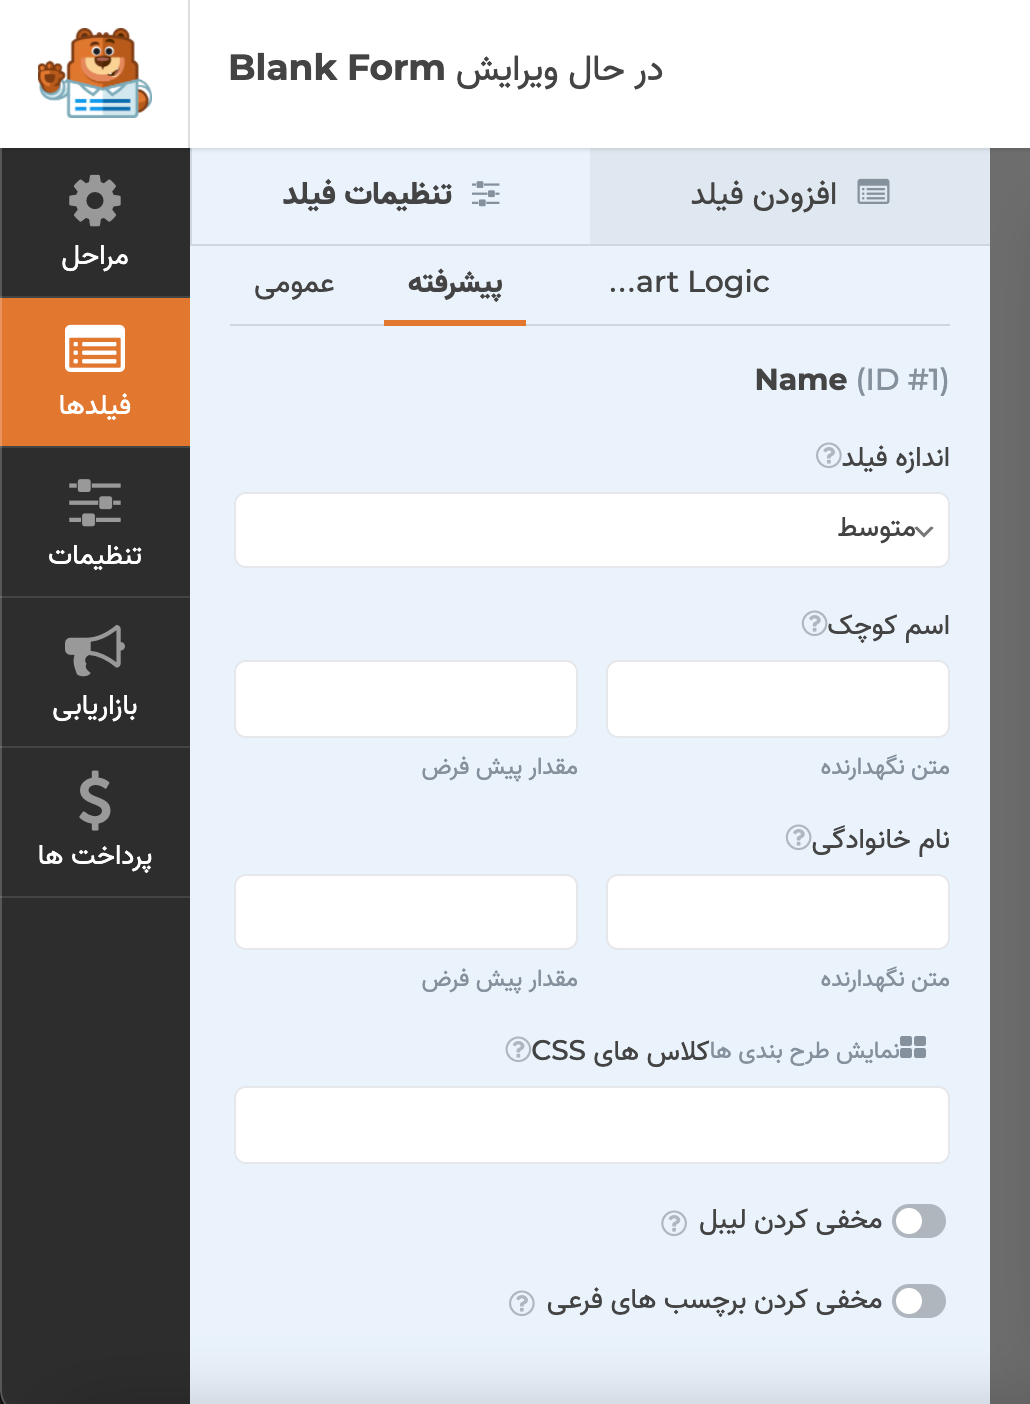 افزونه WPForms | افزونه فرم ساز دبلیوپی فرمز | طراحی فرم در وردپرس | فرم ساز وردپرس | افزونه WPForms Form Builder